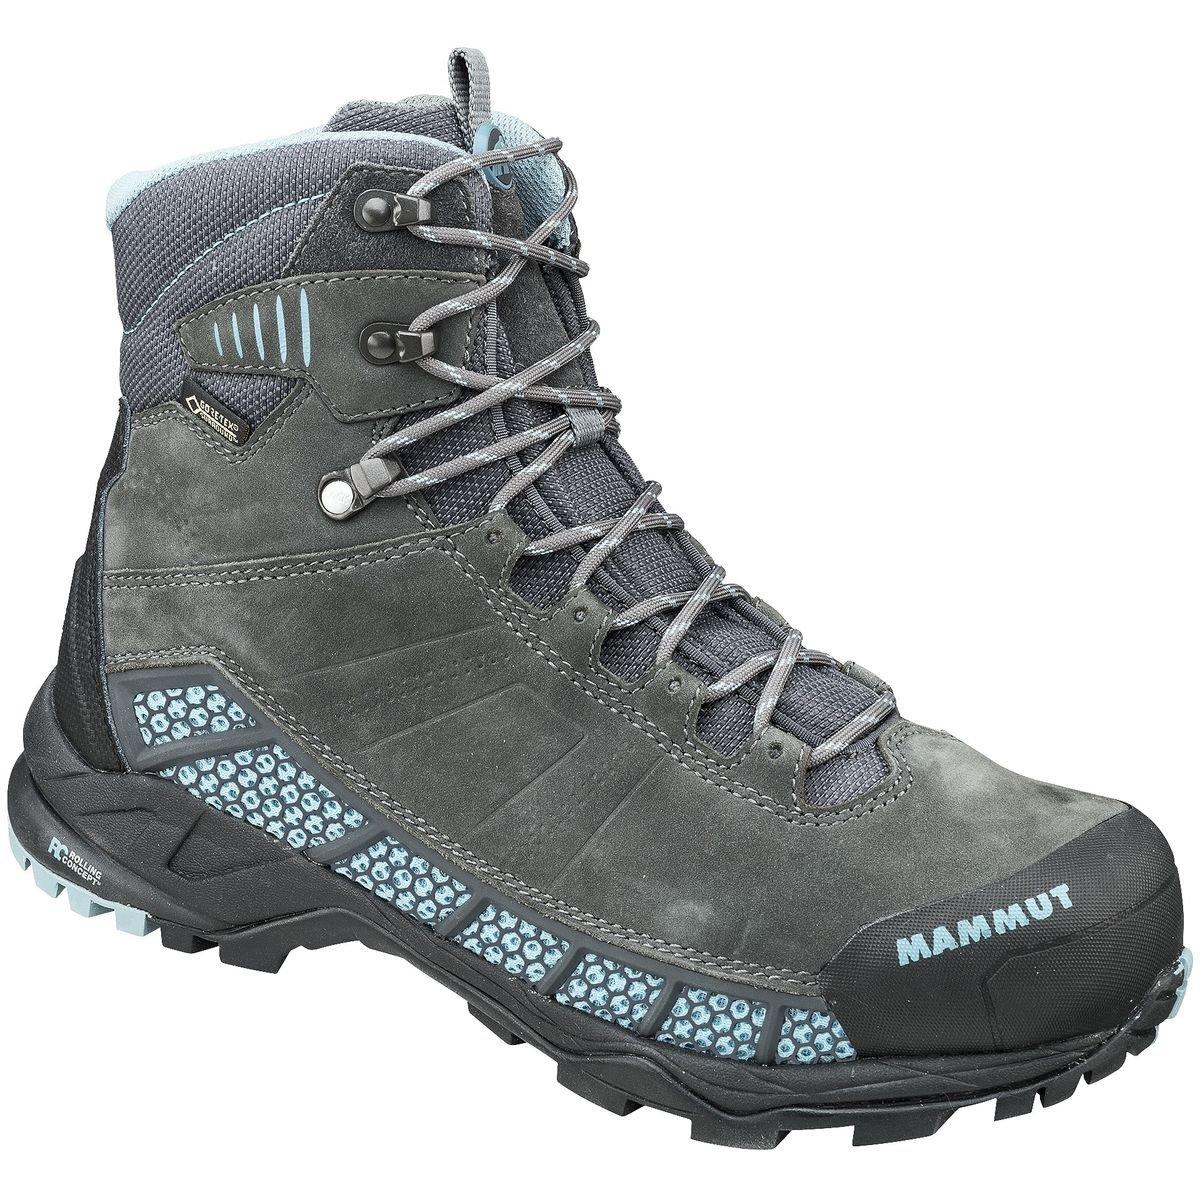 (マムート) Mammut Comfort Guide High GTX Surround Hiking Boot - Women'sメンズ バックパック リュック Graphite/Air [並行輸入品] B0767H3CLK  9.5